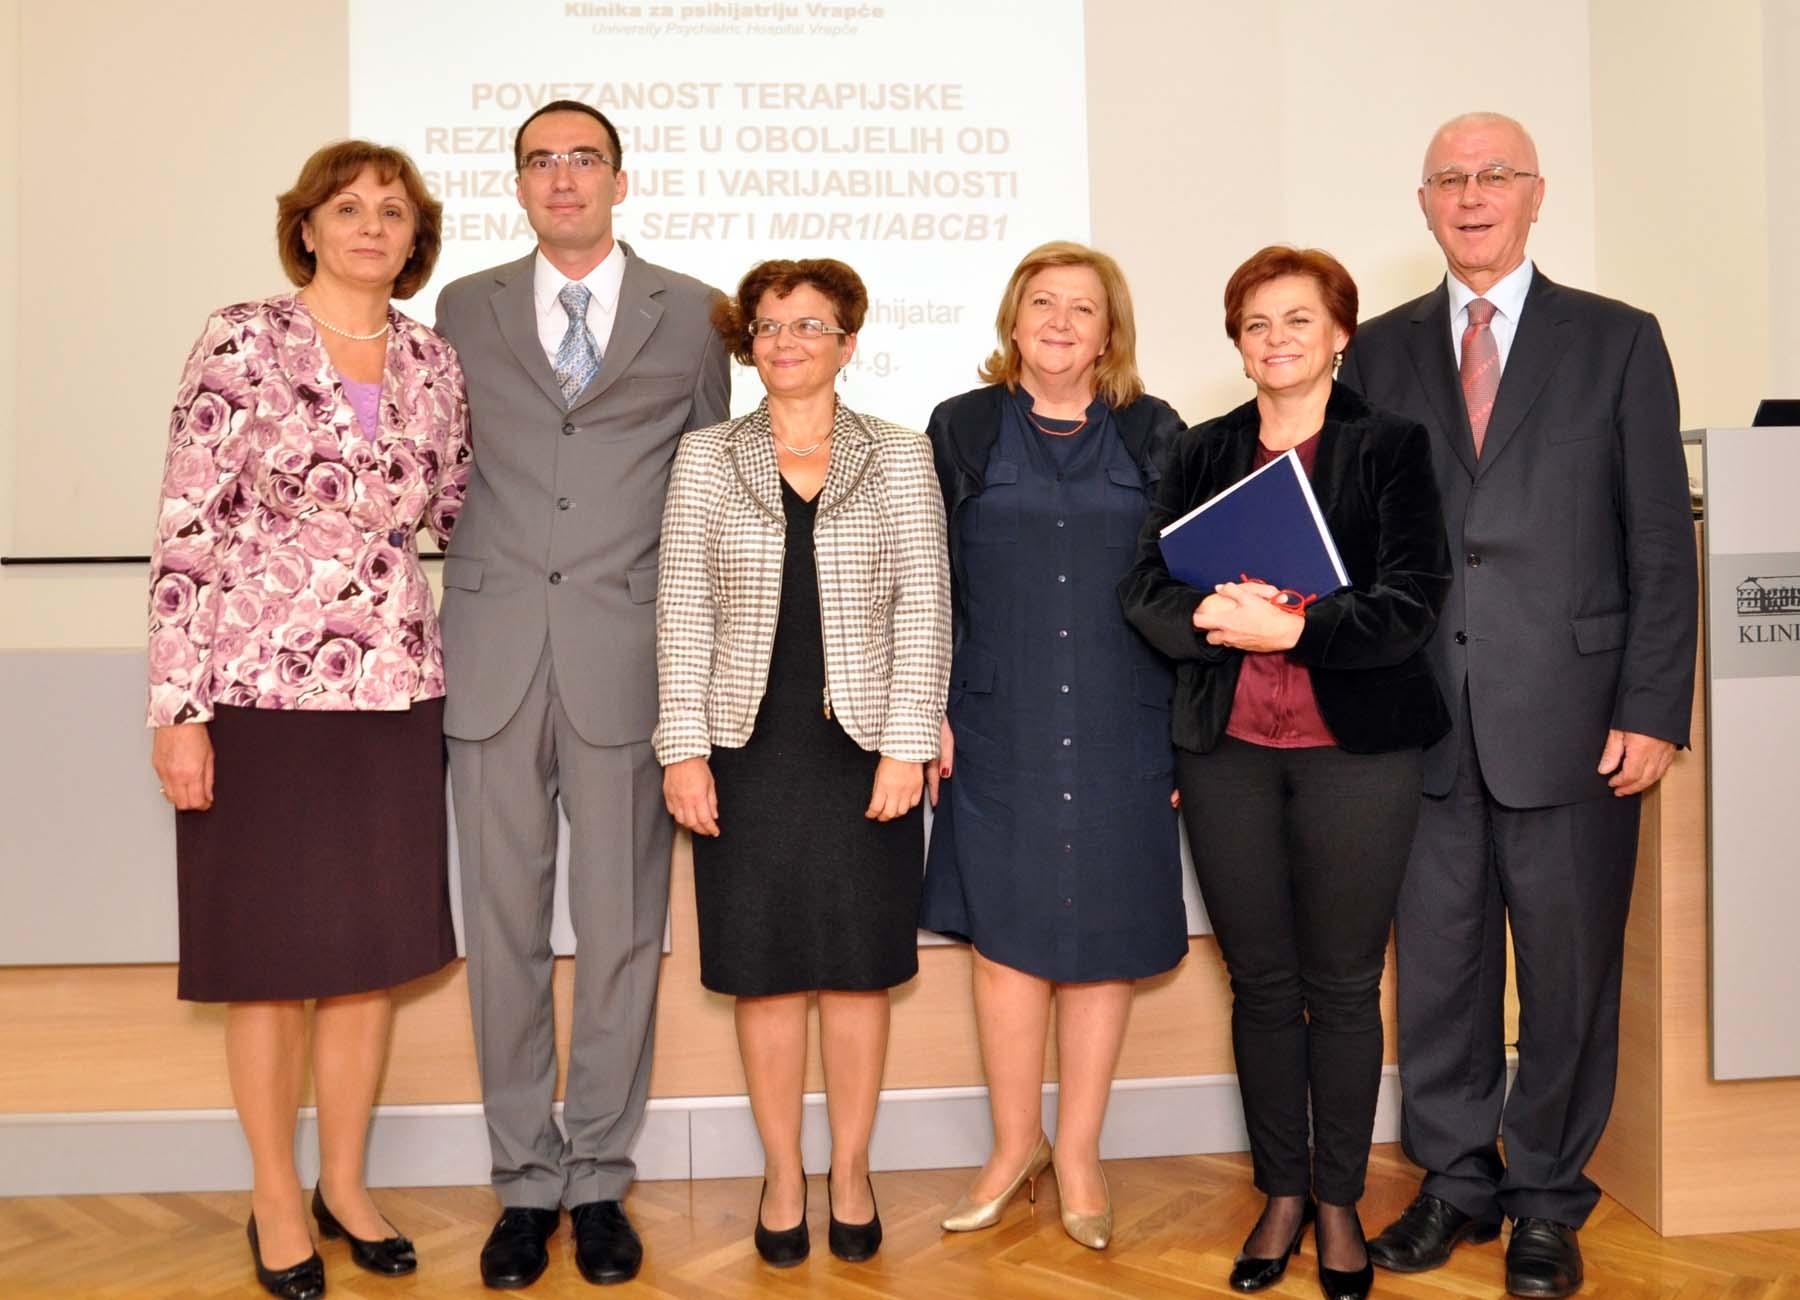 dr petar bilic disertacijq 11 09 2014 2